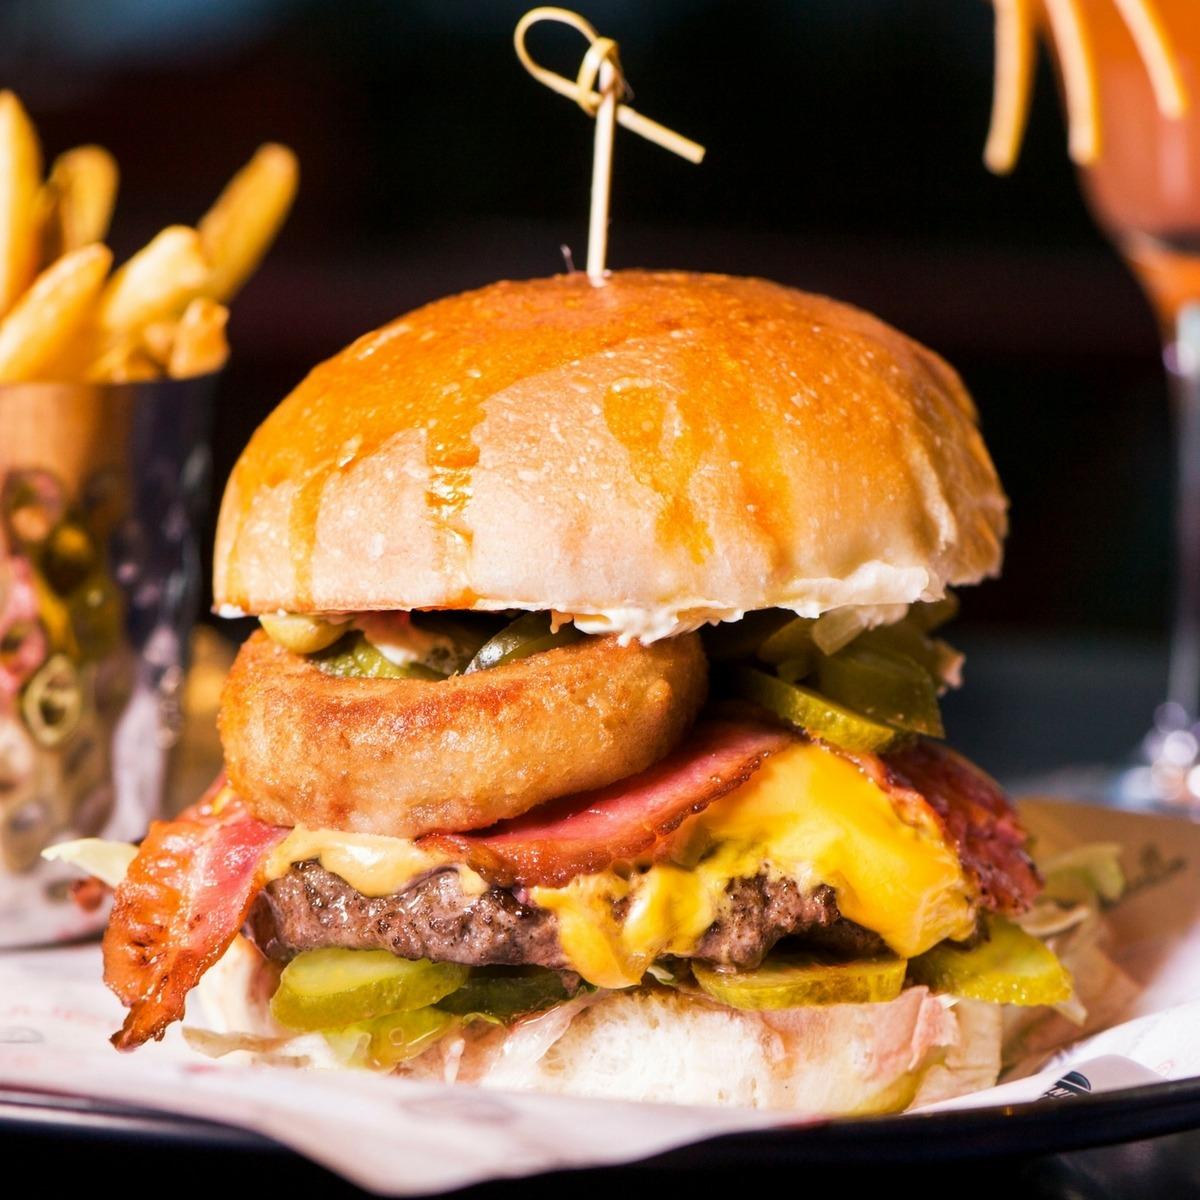 santas-burger-ted